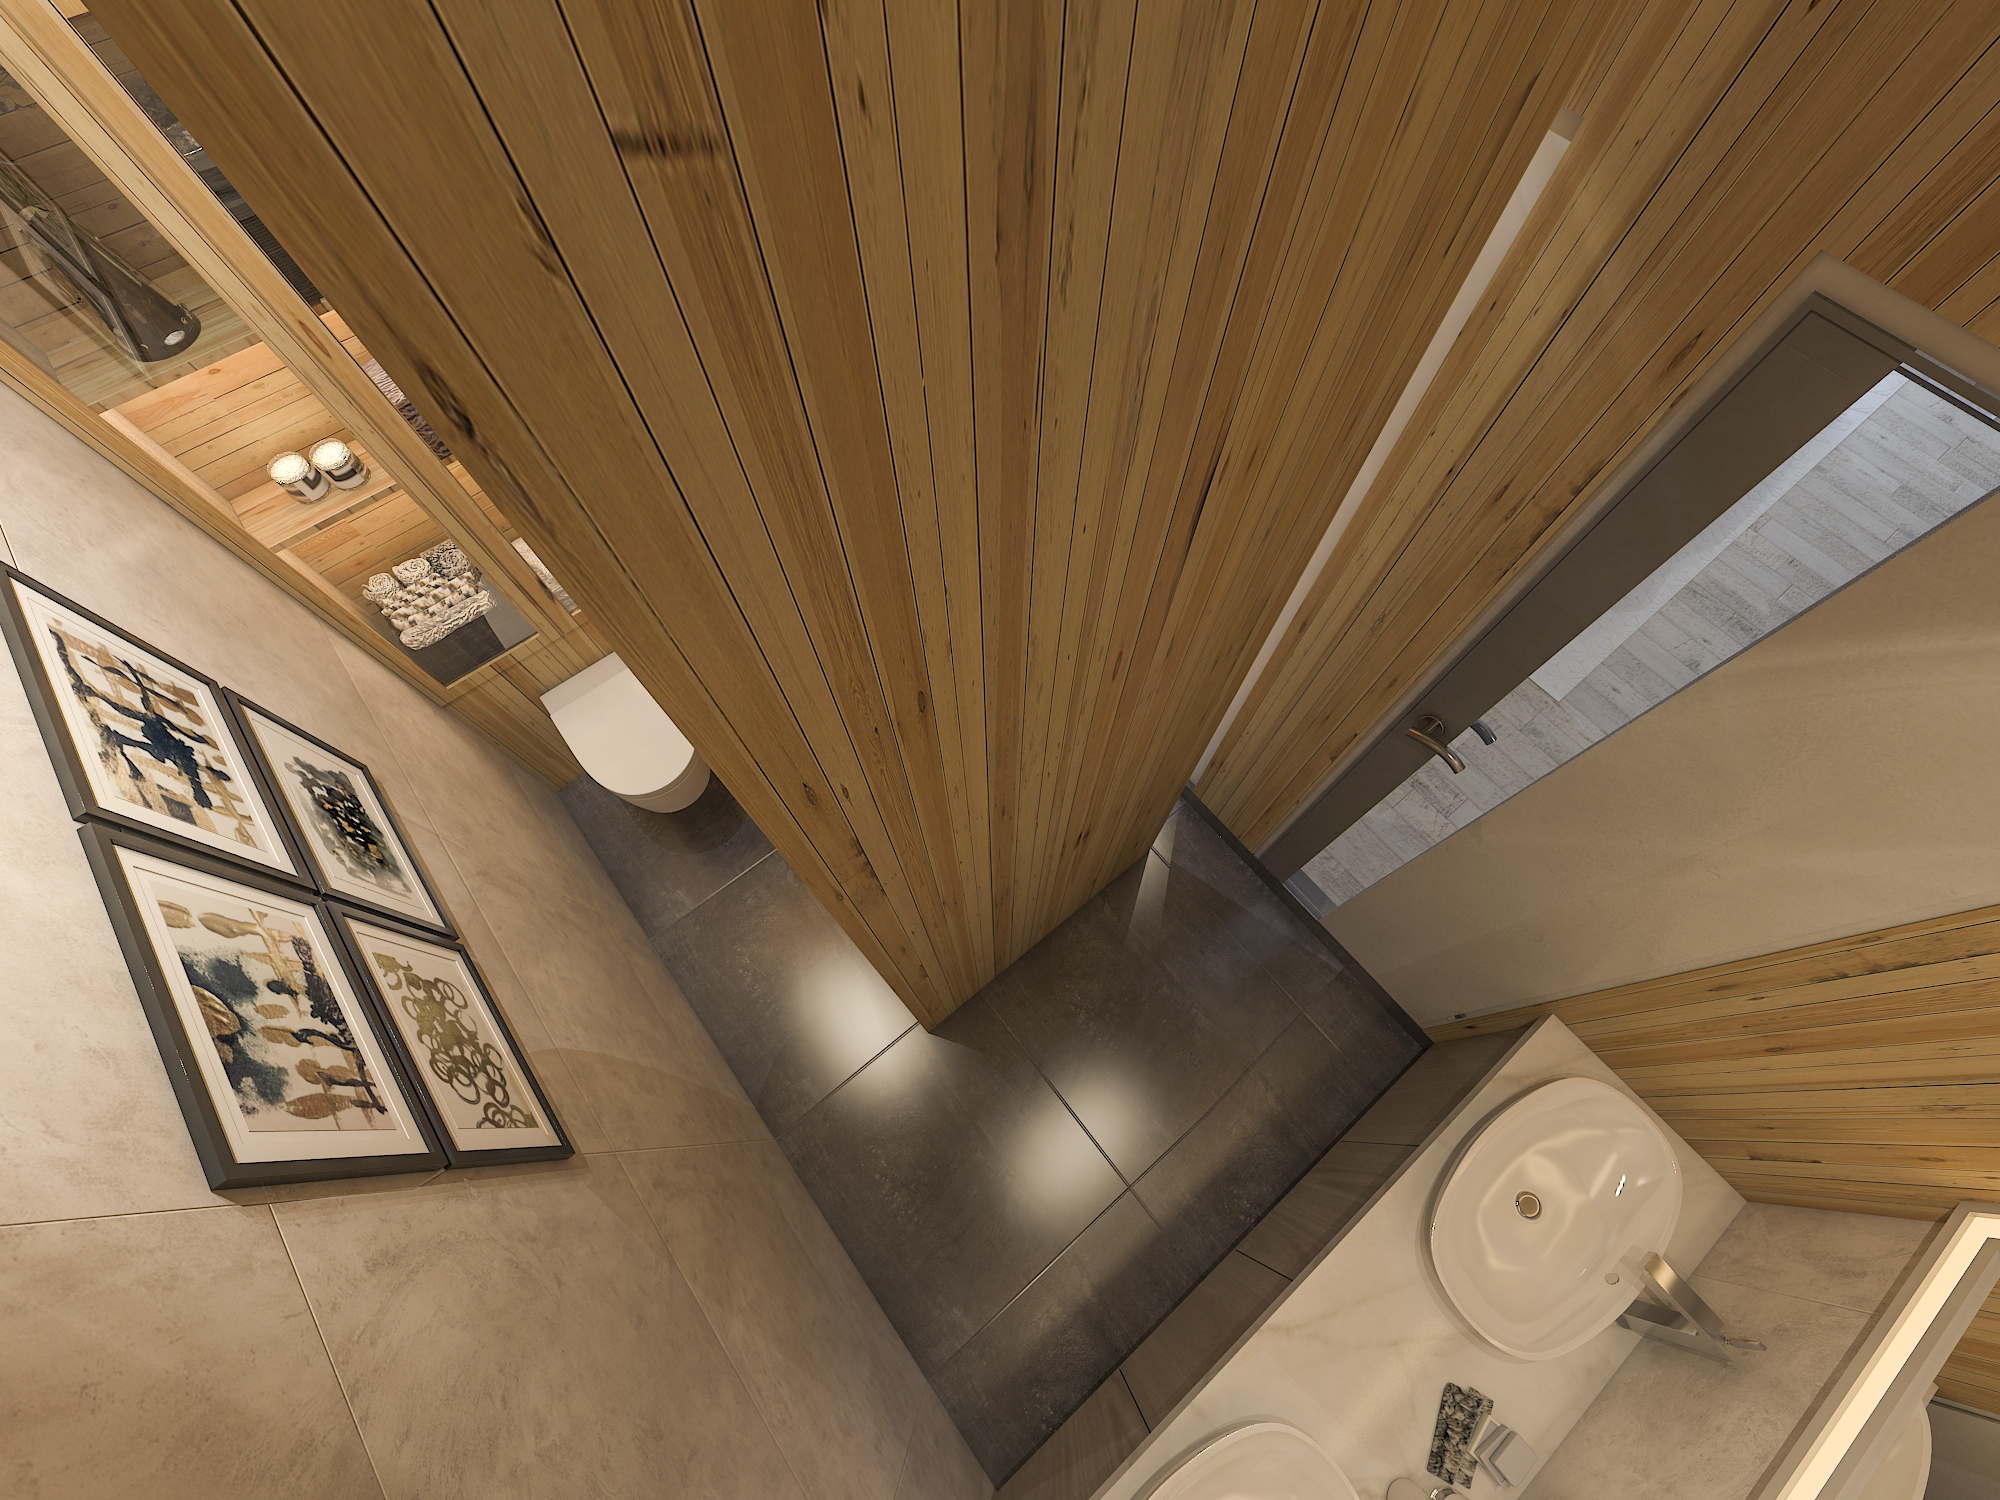 thiết kế nội thất chung cư tại Hồ Chí Minh Mr. Hiếu Apartment 17 1561701456